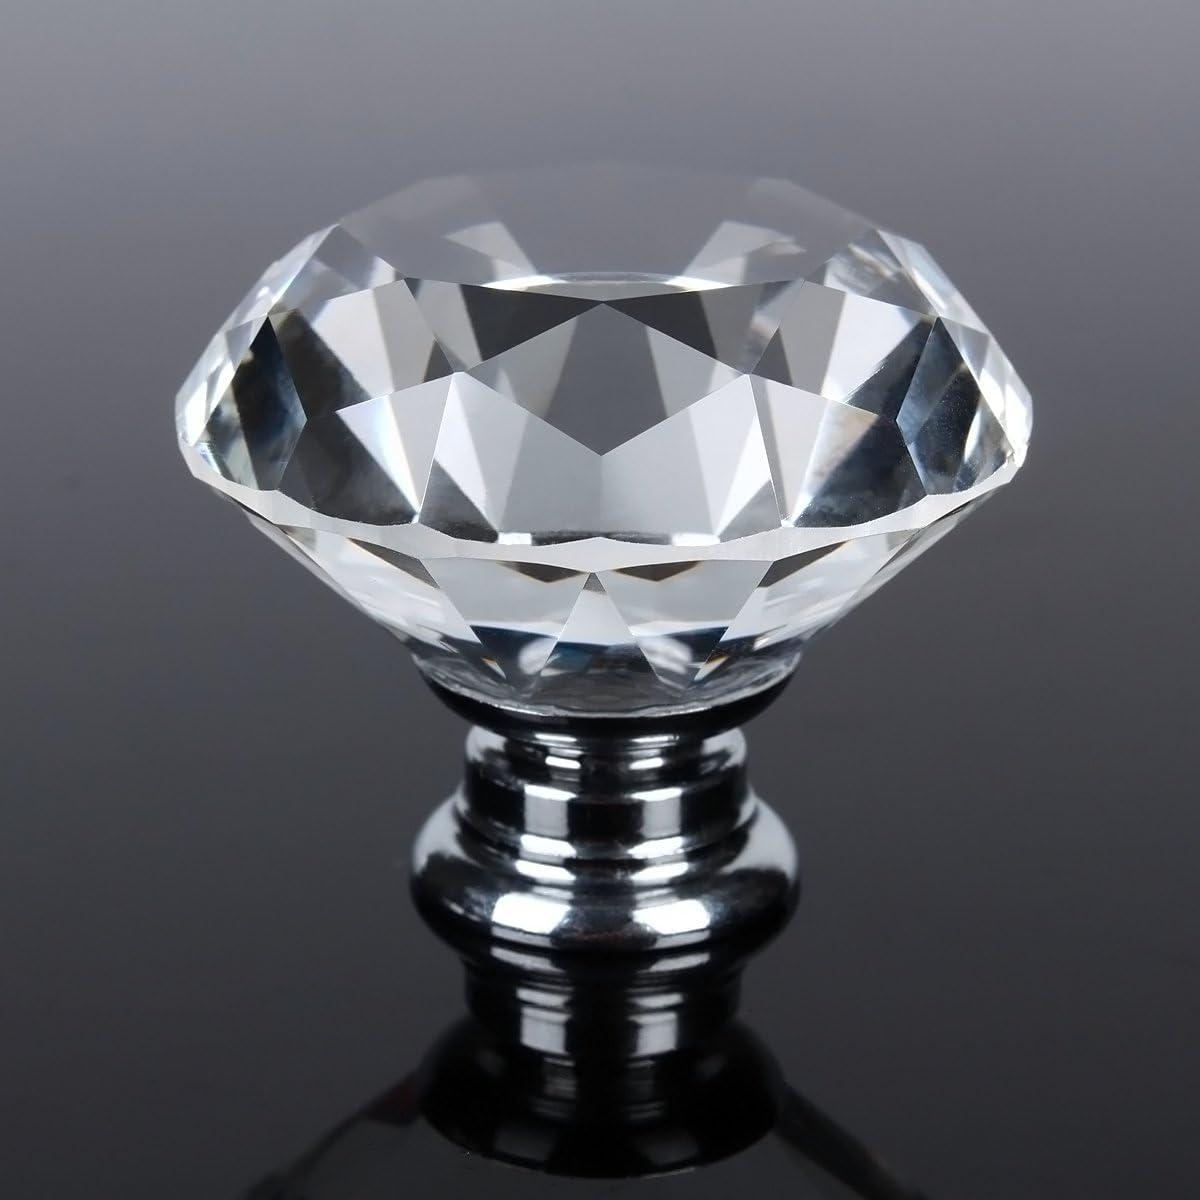 12pcs Fanshop Diamant Kristall Glas 30 mm K/üche Schlafzimmert/ür T/ür Kn/öpfe Griff Schublade Klar